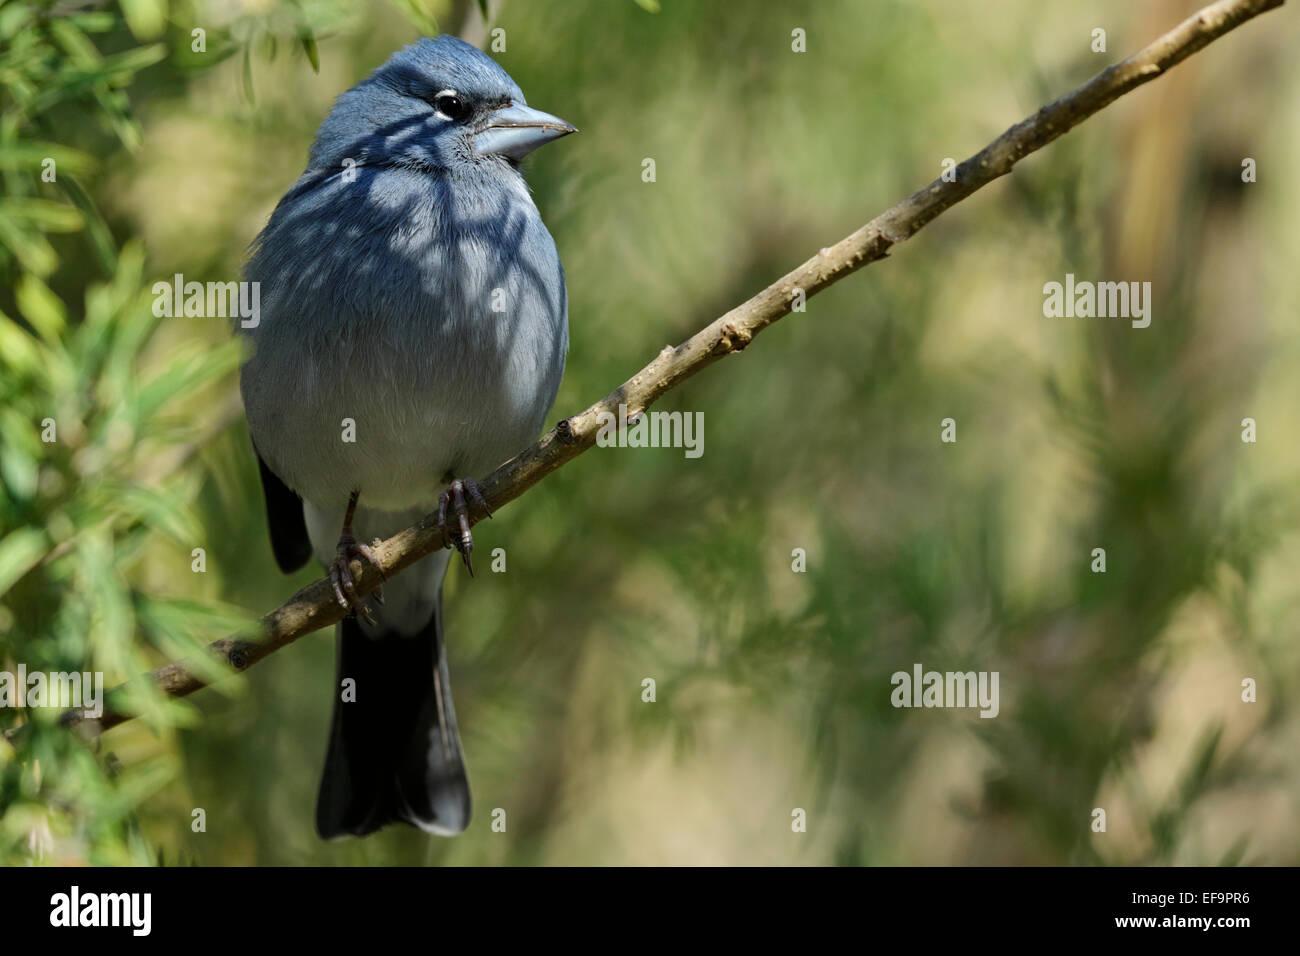 Blue Chaffinch, (Fringilla teydea teydea), male perched on a twig, Tenerife - Stock Image